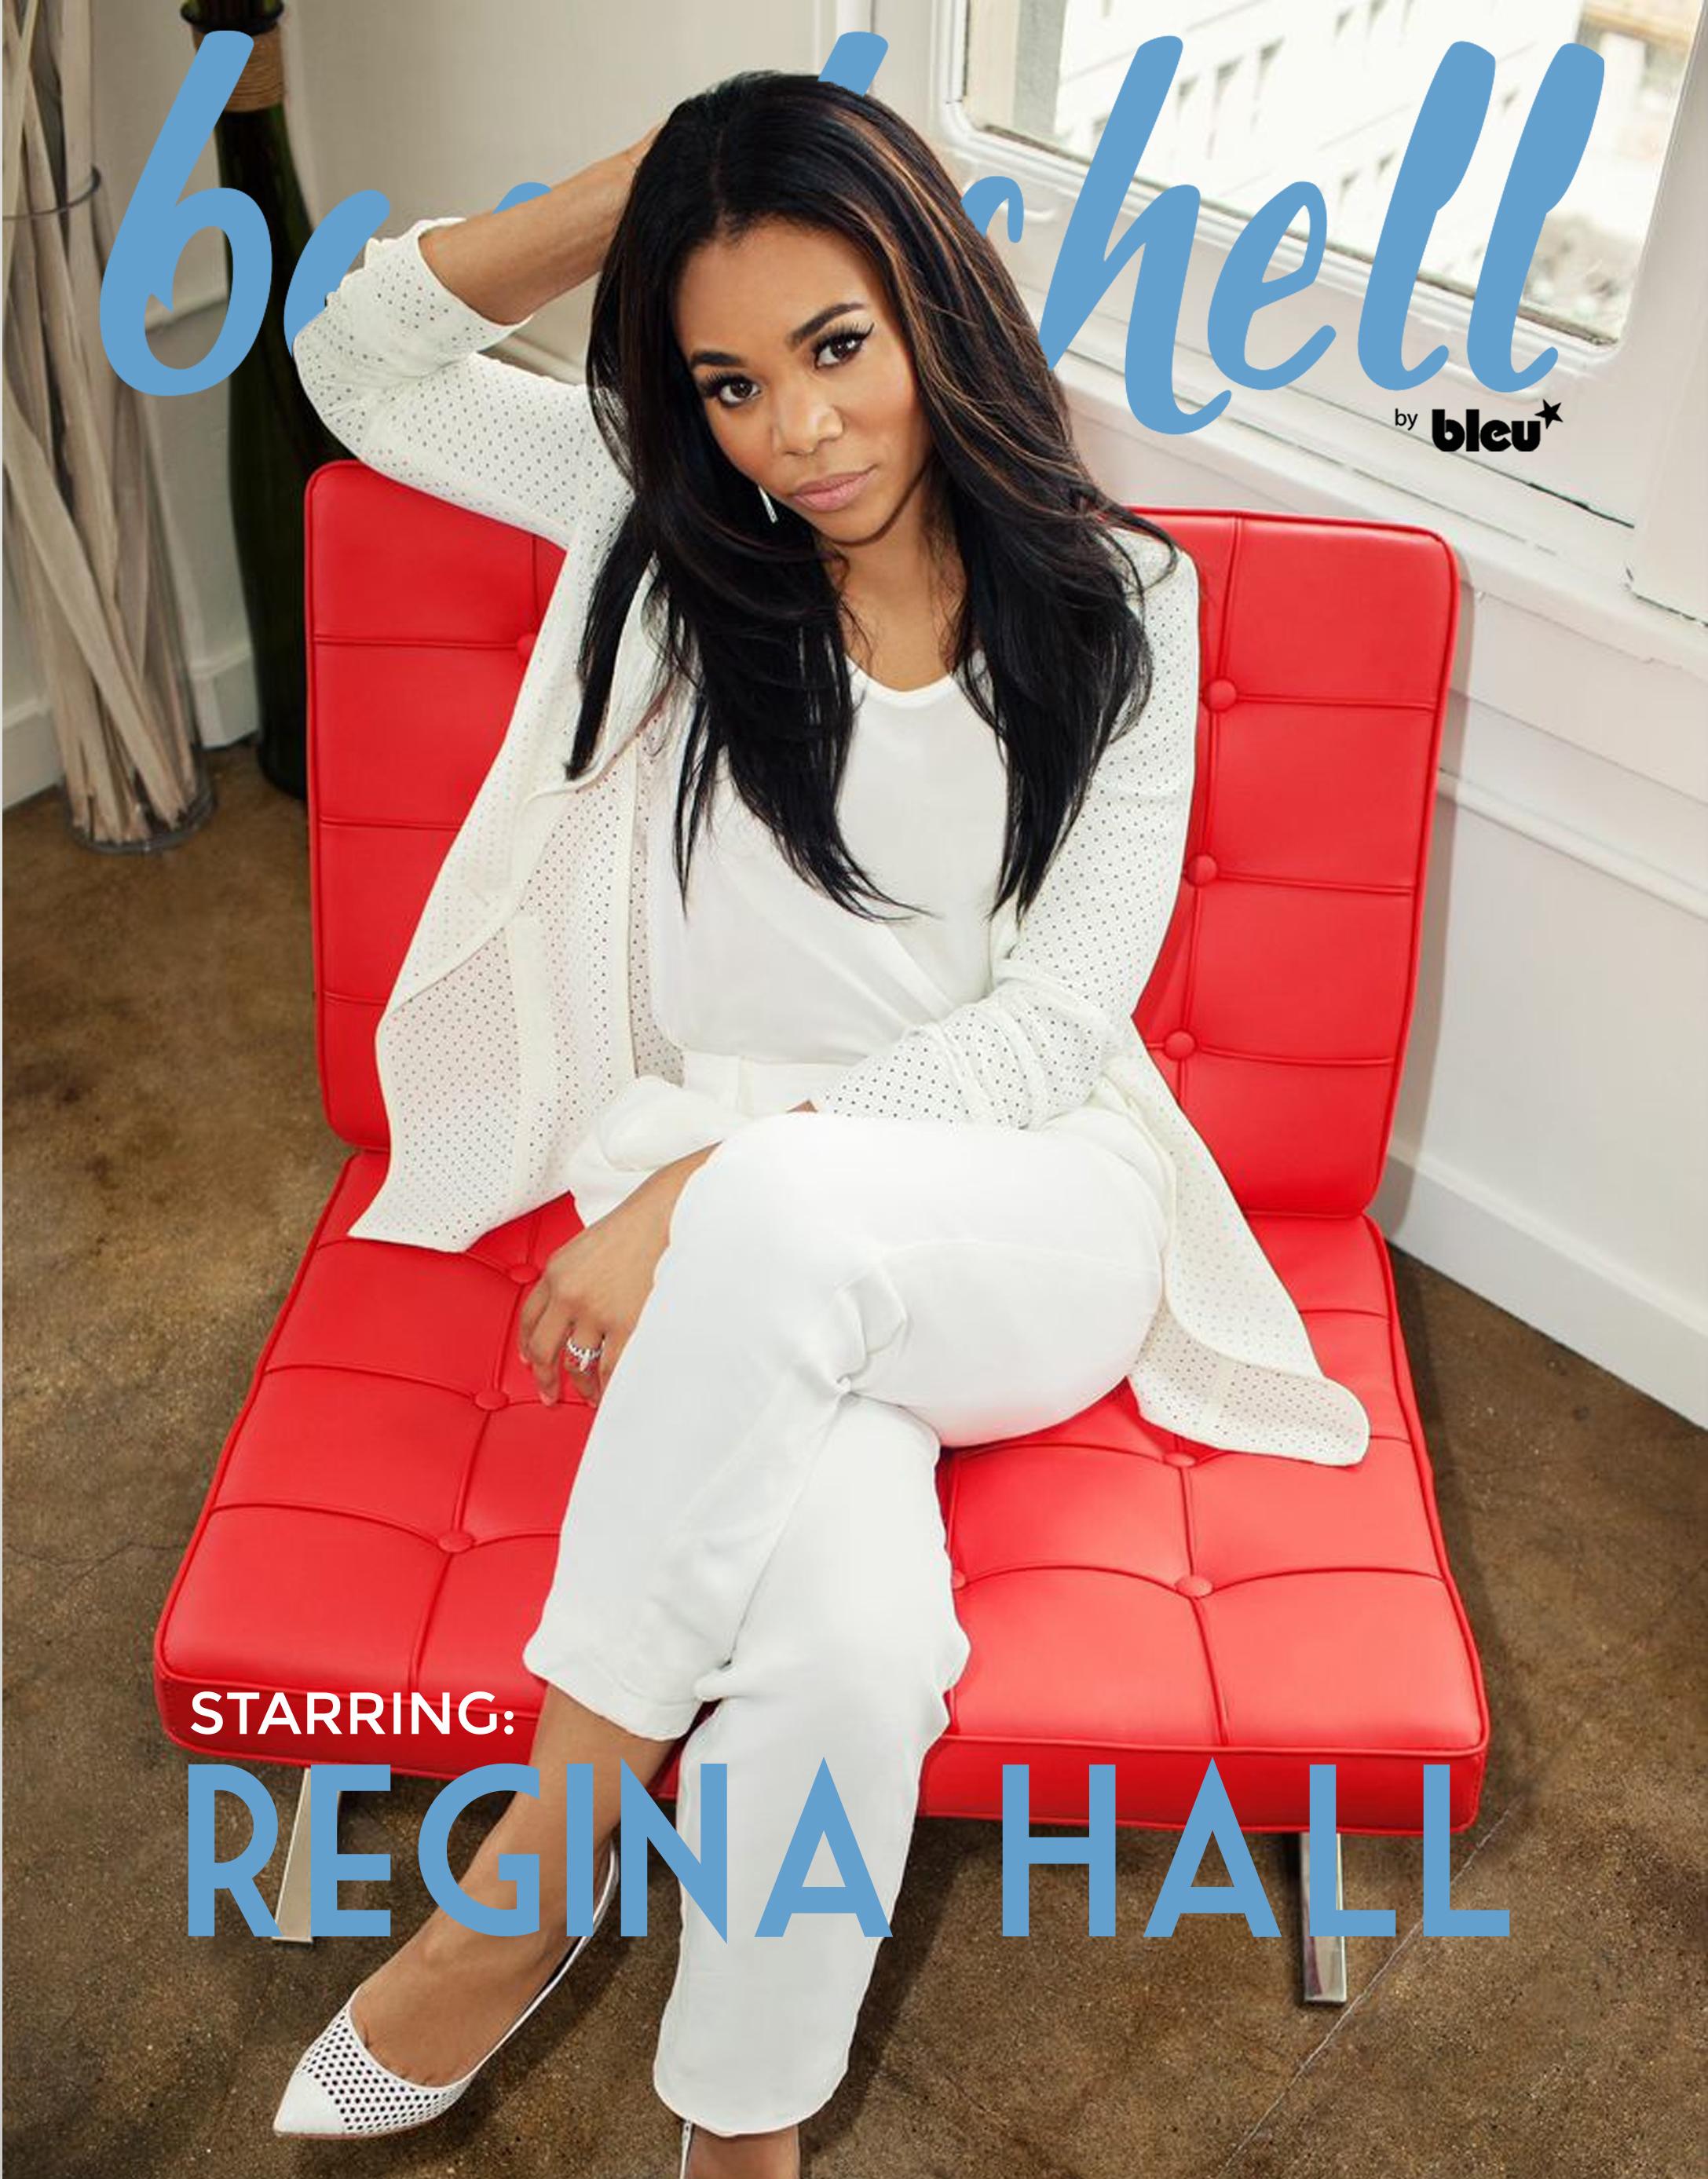 regina hall-bleu magazine cover-the jasmine brand